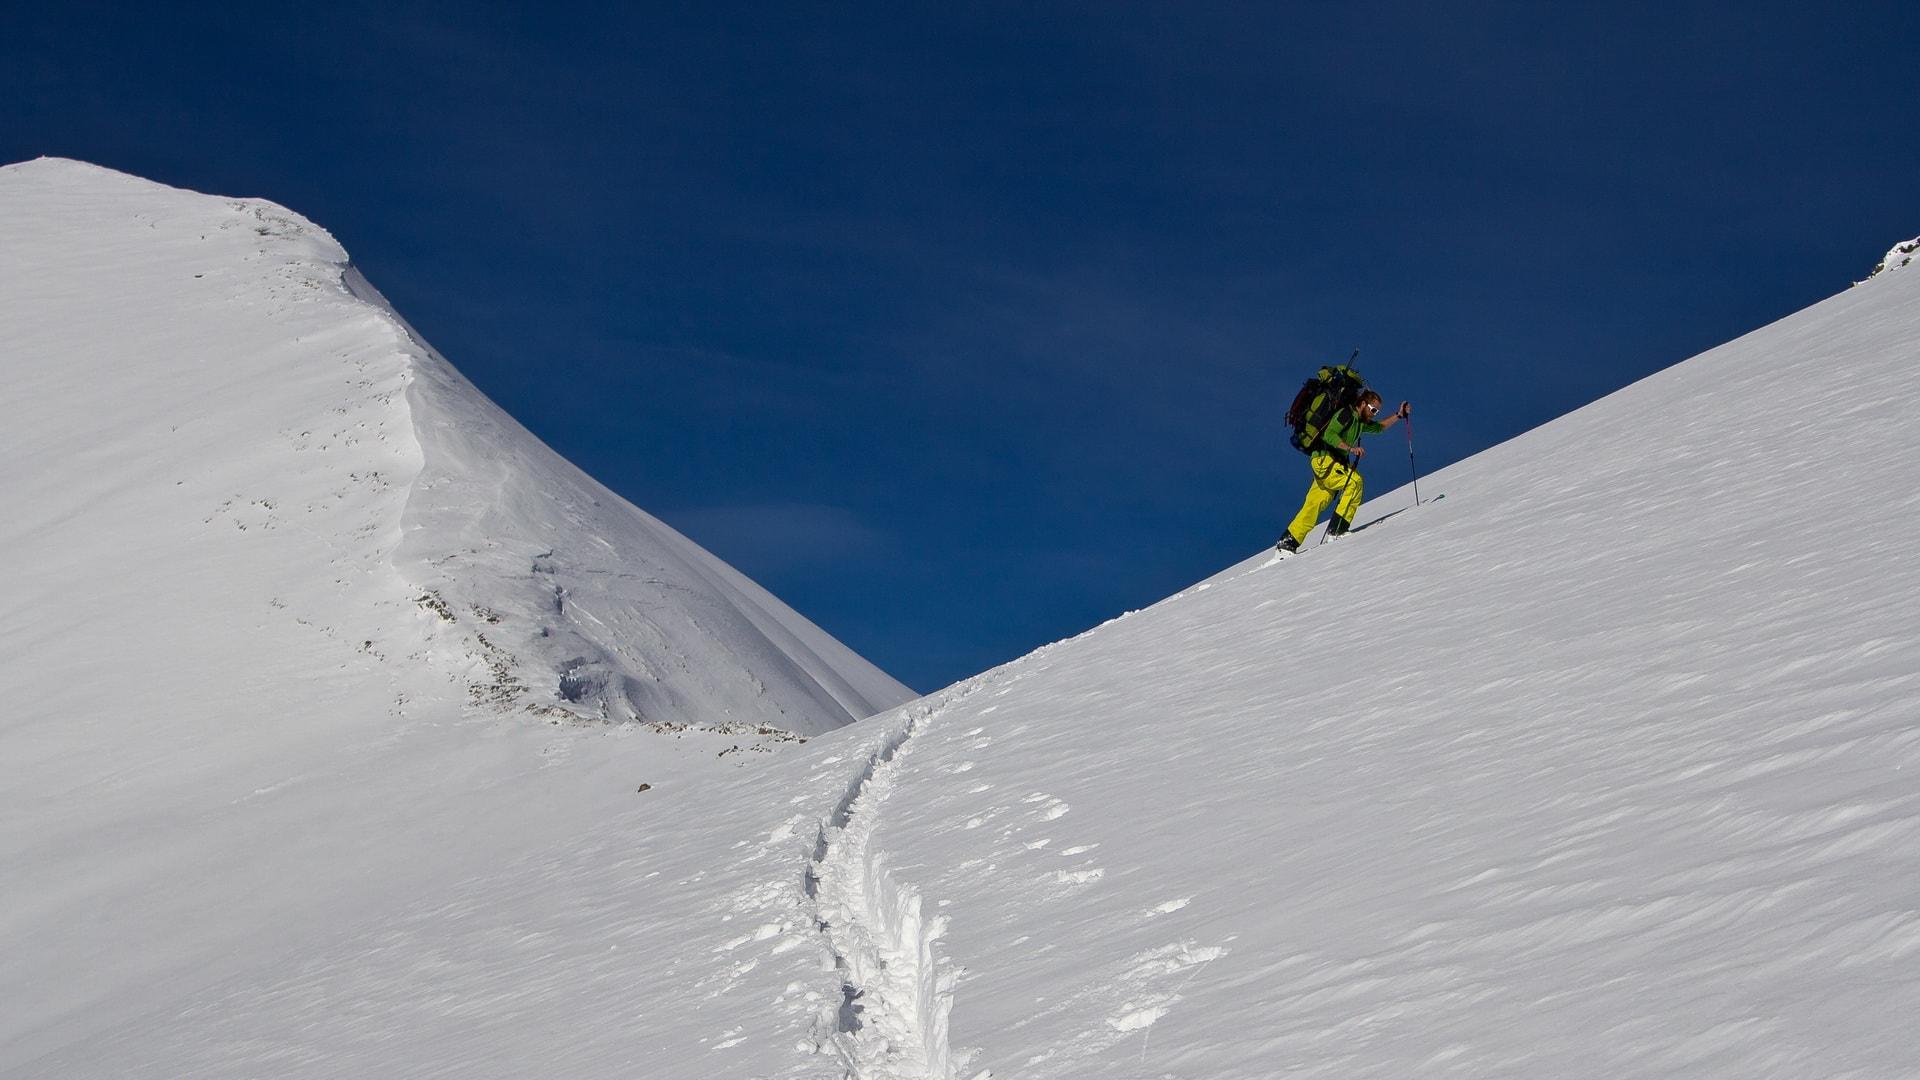 Ski-tour ascents in Caucasus ски-тур восхождения на Кавказе